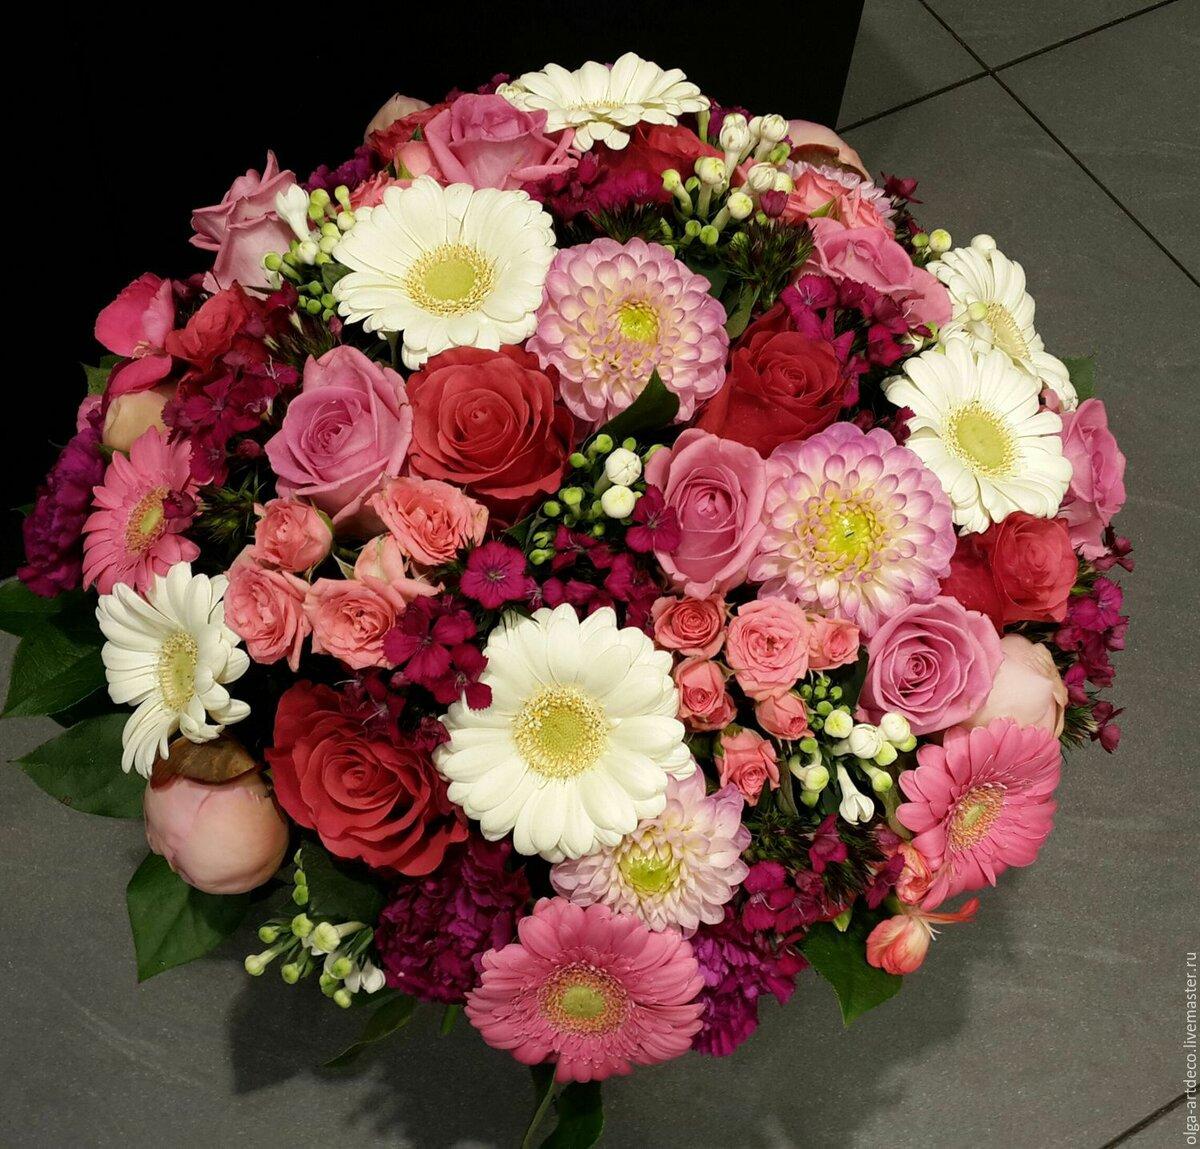 Цветы прайс, сумашечие букеты цветов фото